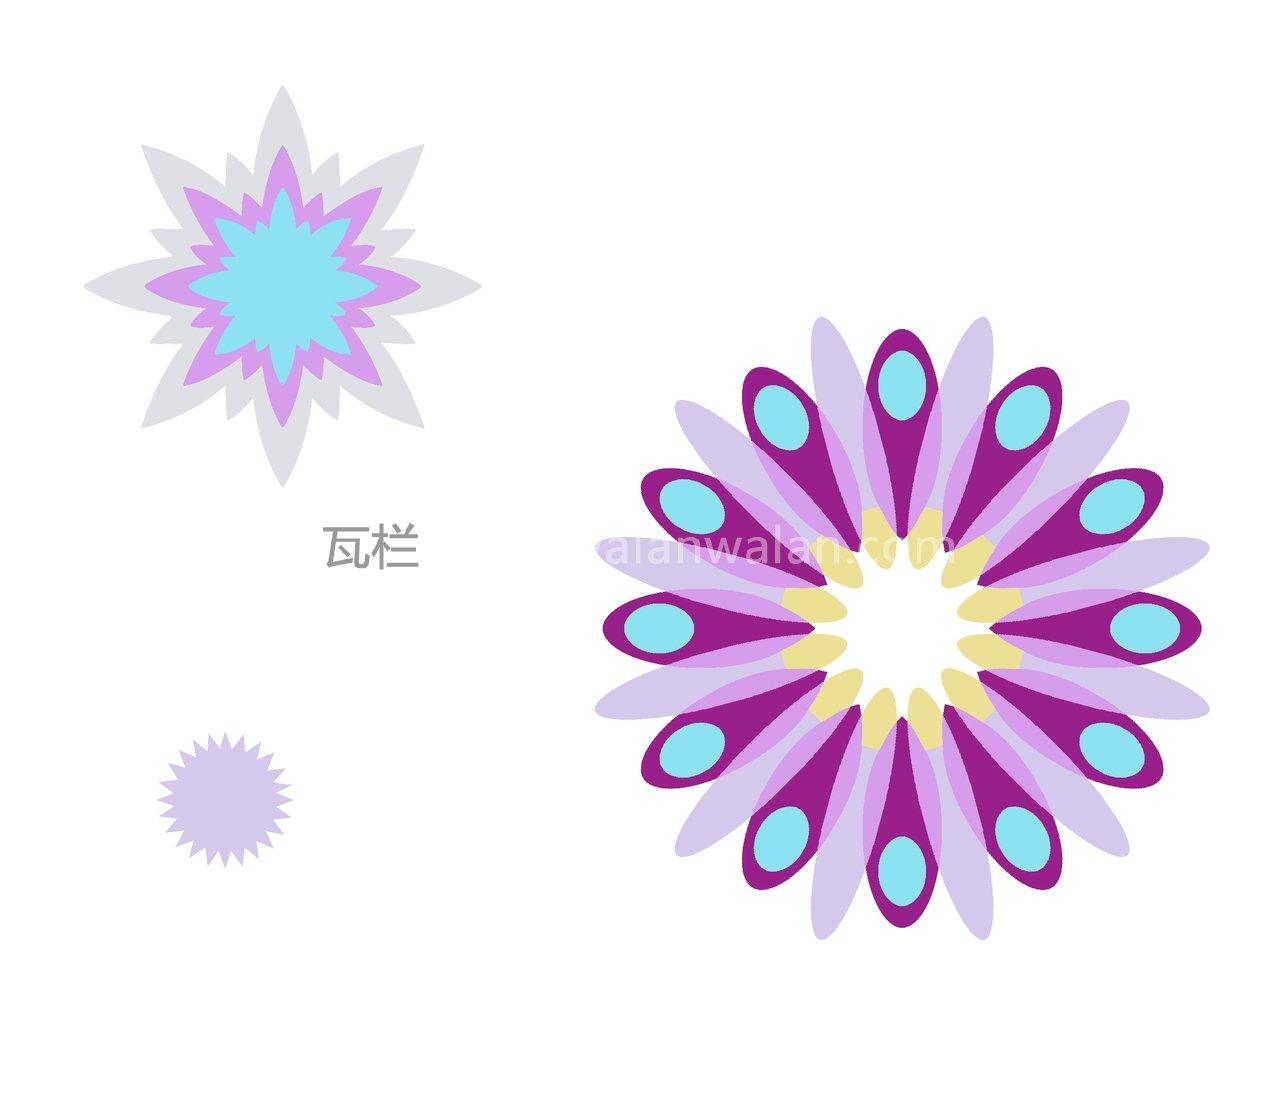 花变形设计图片